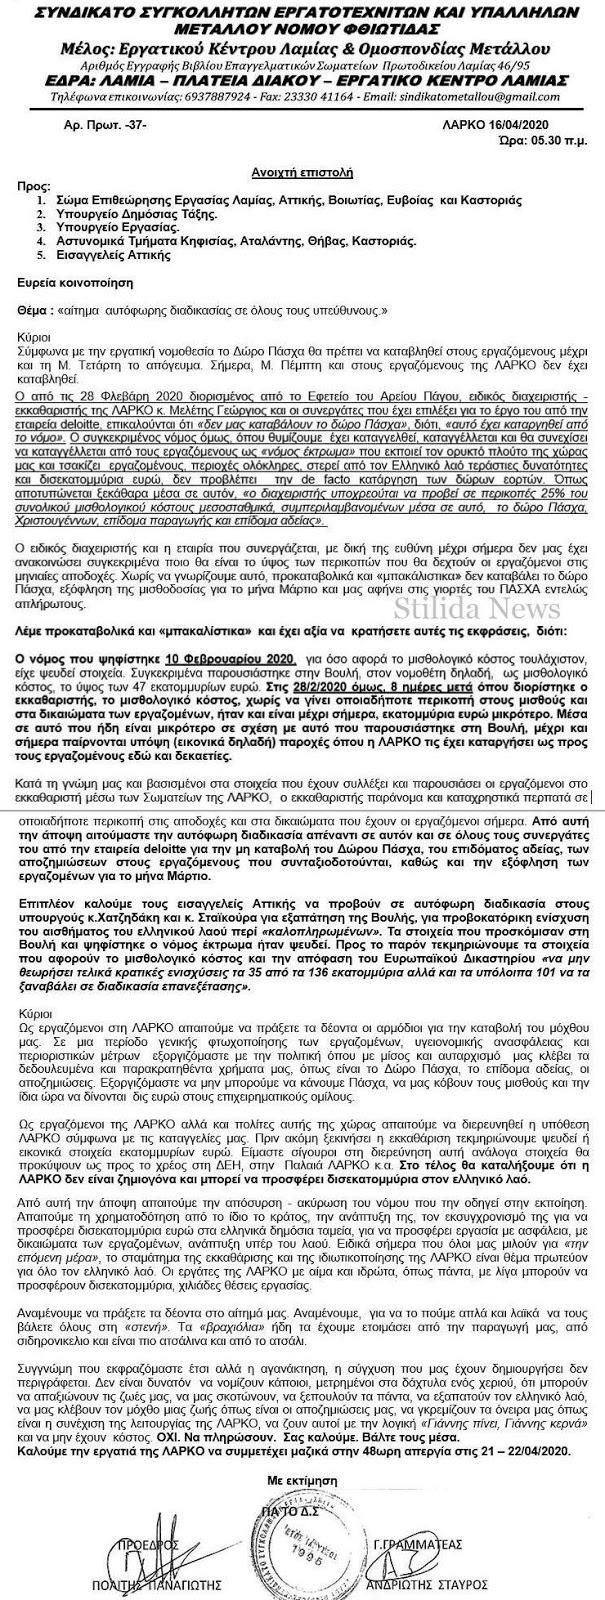 Καταγγελία για  την ΛΑΡΚΟ (Ανοιχτή επιστολή)